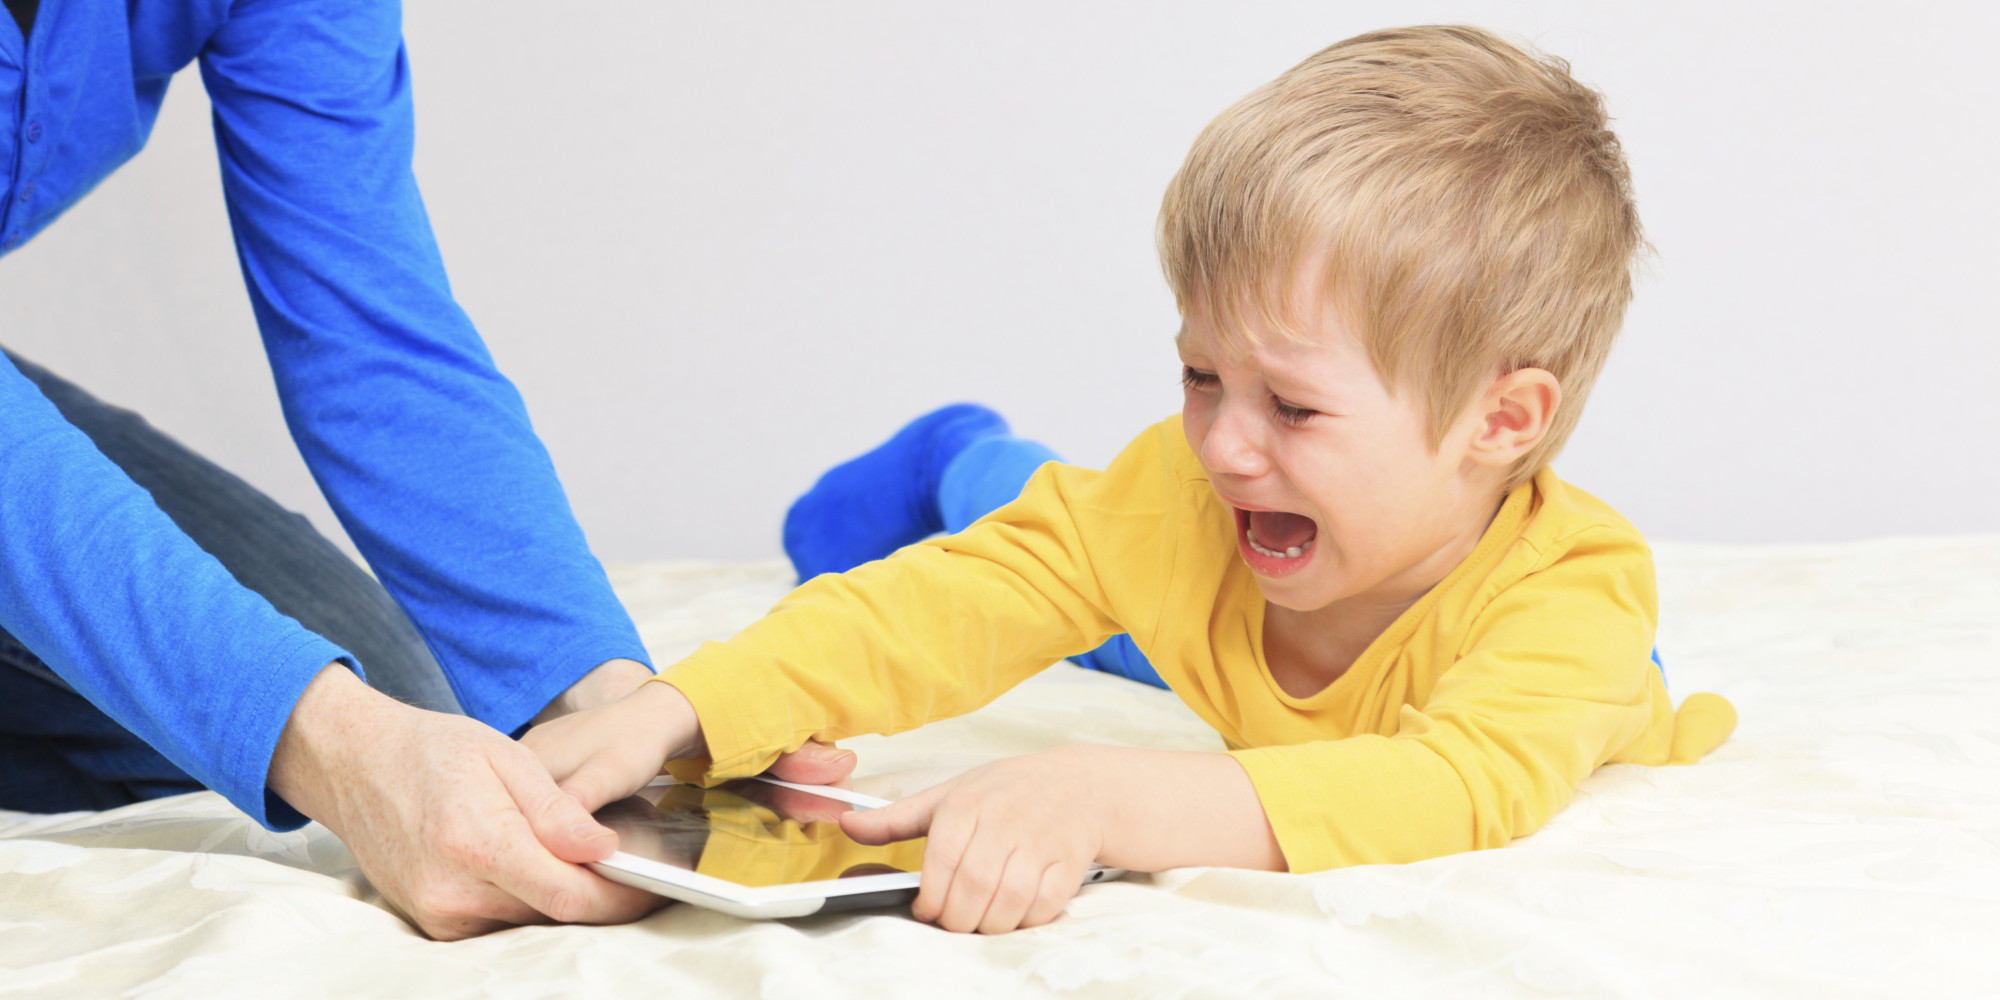 Πώς να ΞΕκολλήσουν τα παιδιά από τις οθόνες; -Thisisus.gr